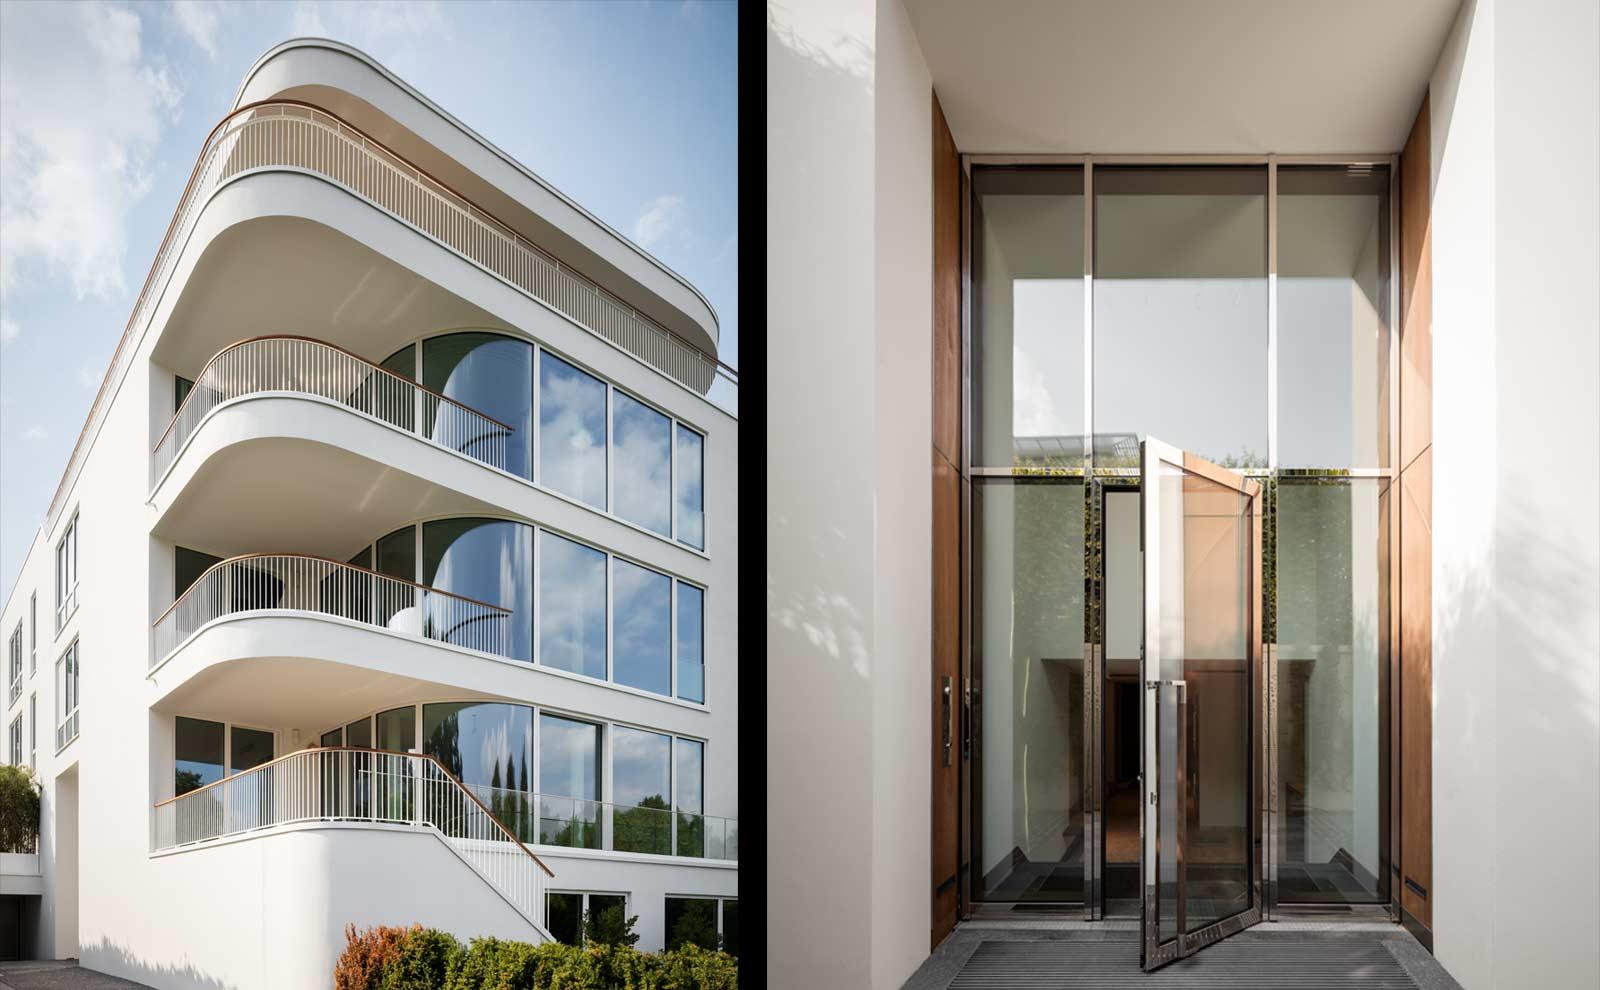 Eingangsbereich und Außenfassade der Hamburger Villa von BAID Architektur